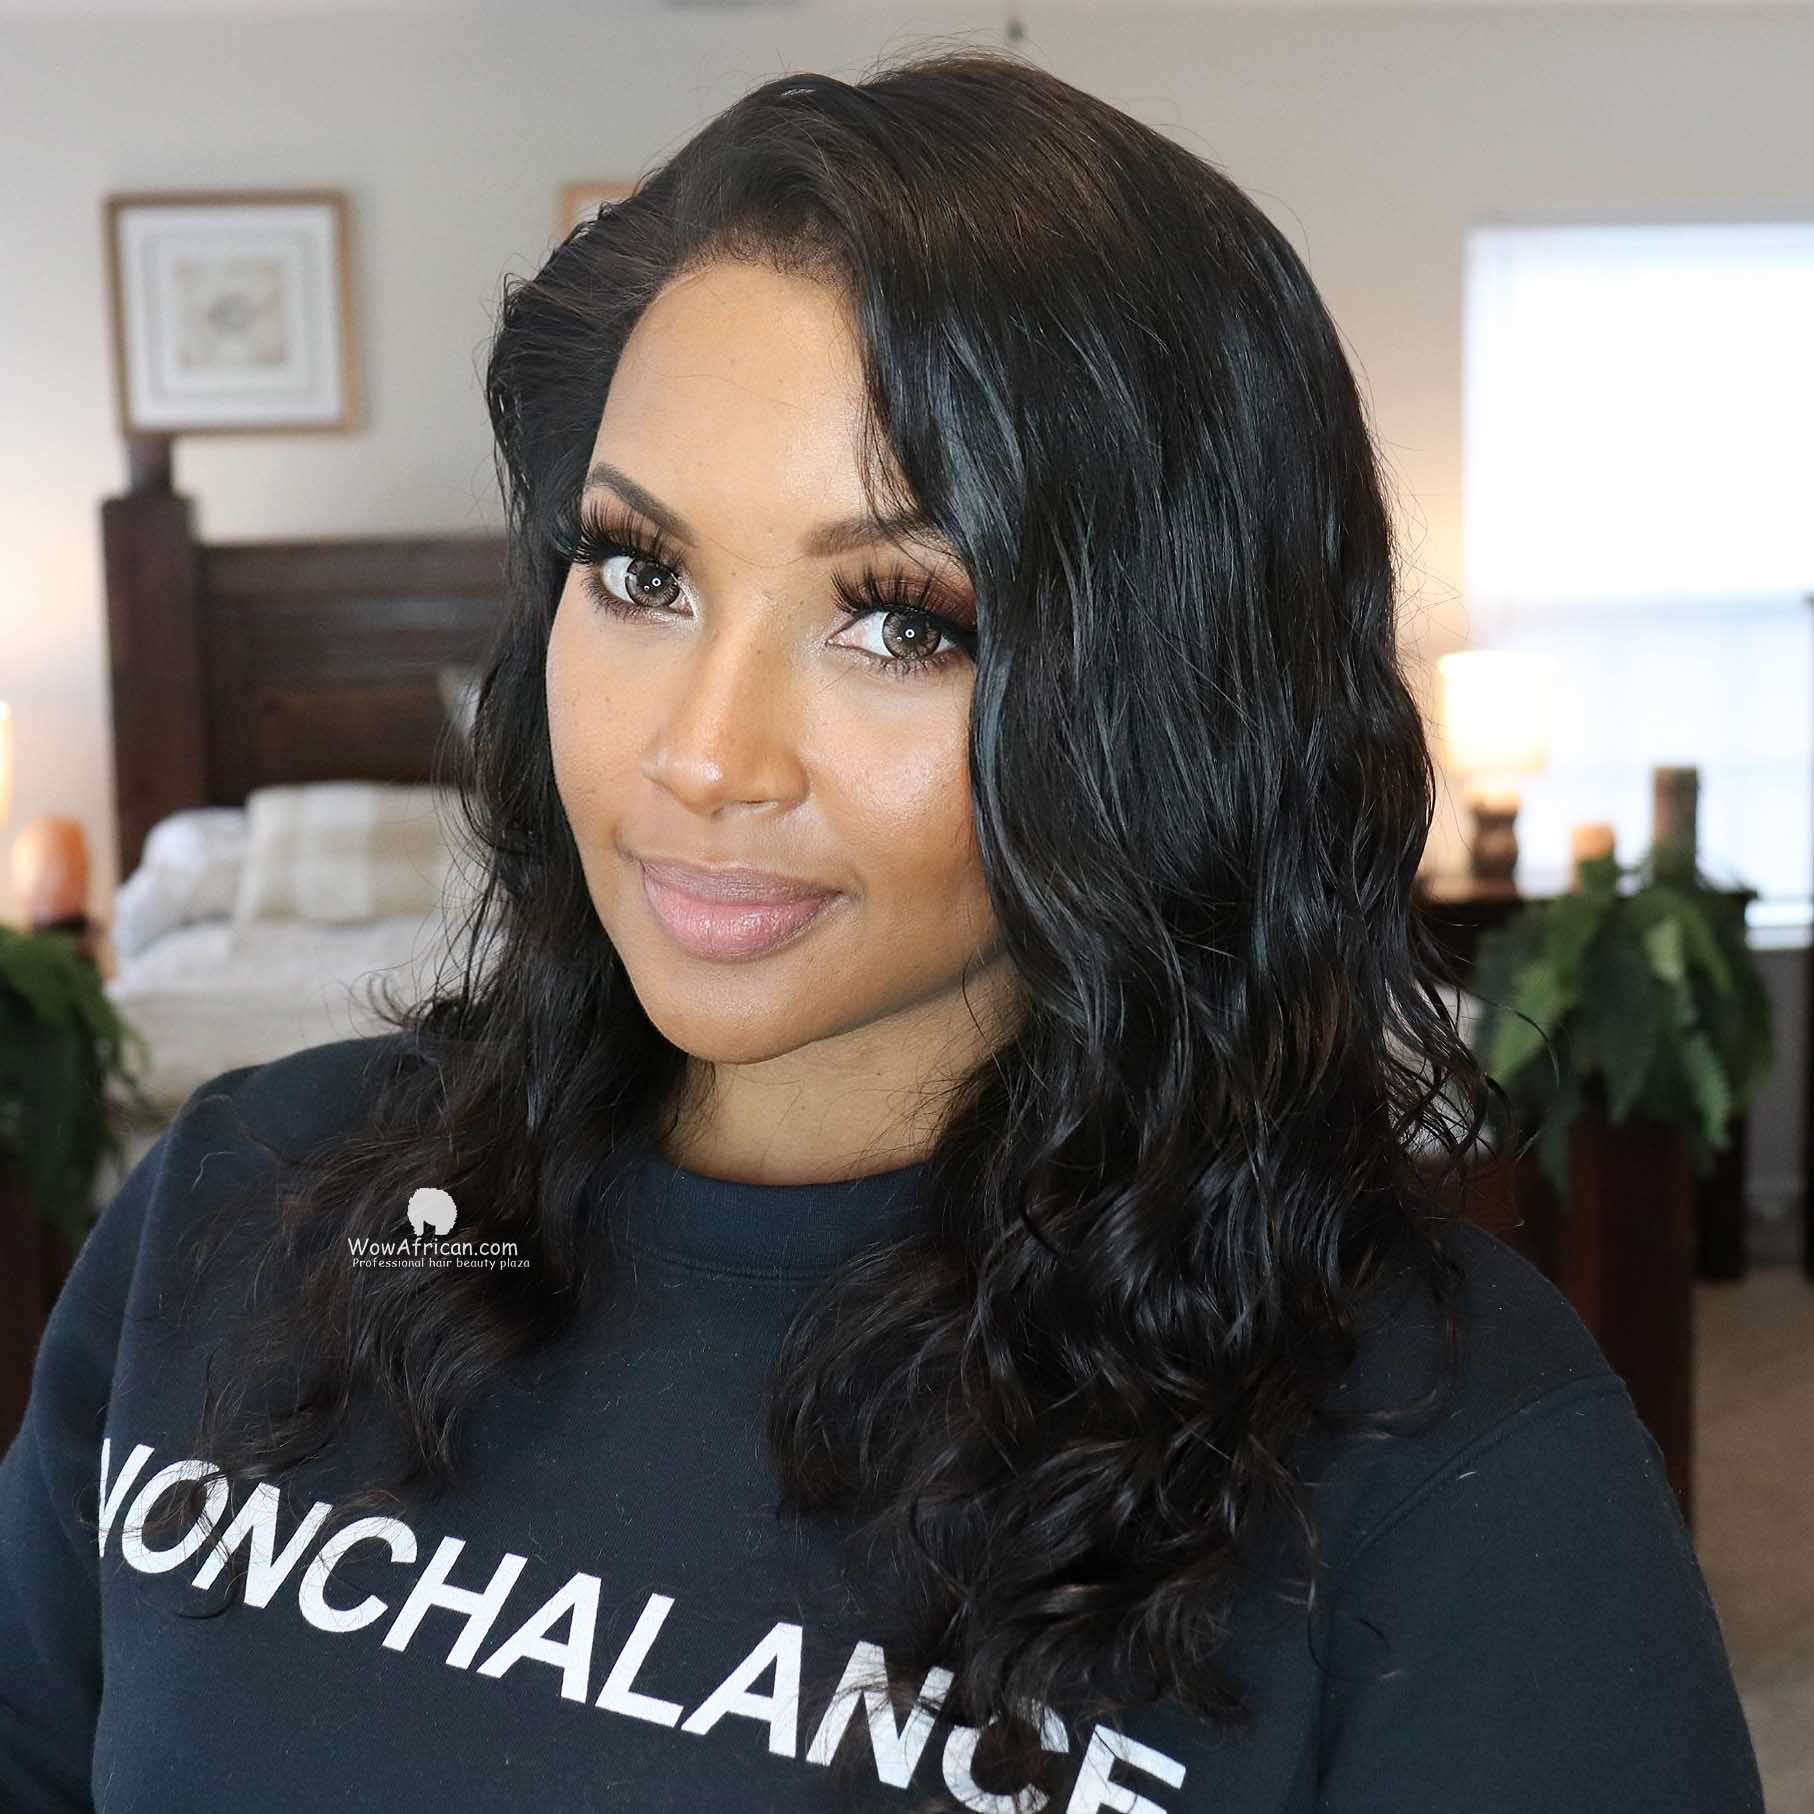 Michelle045